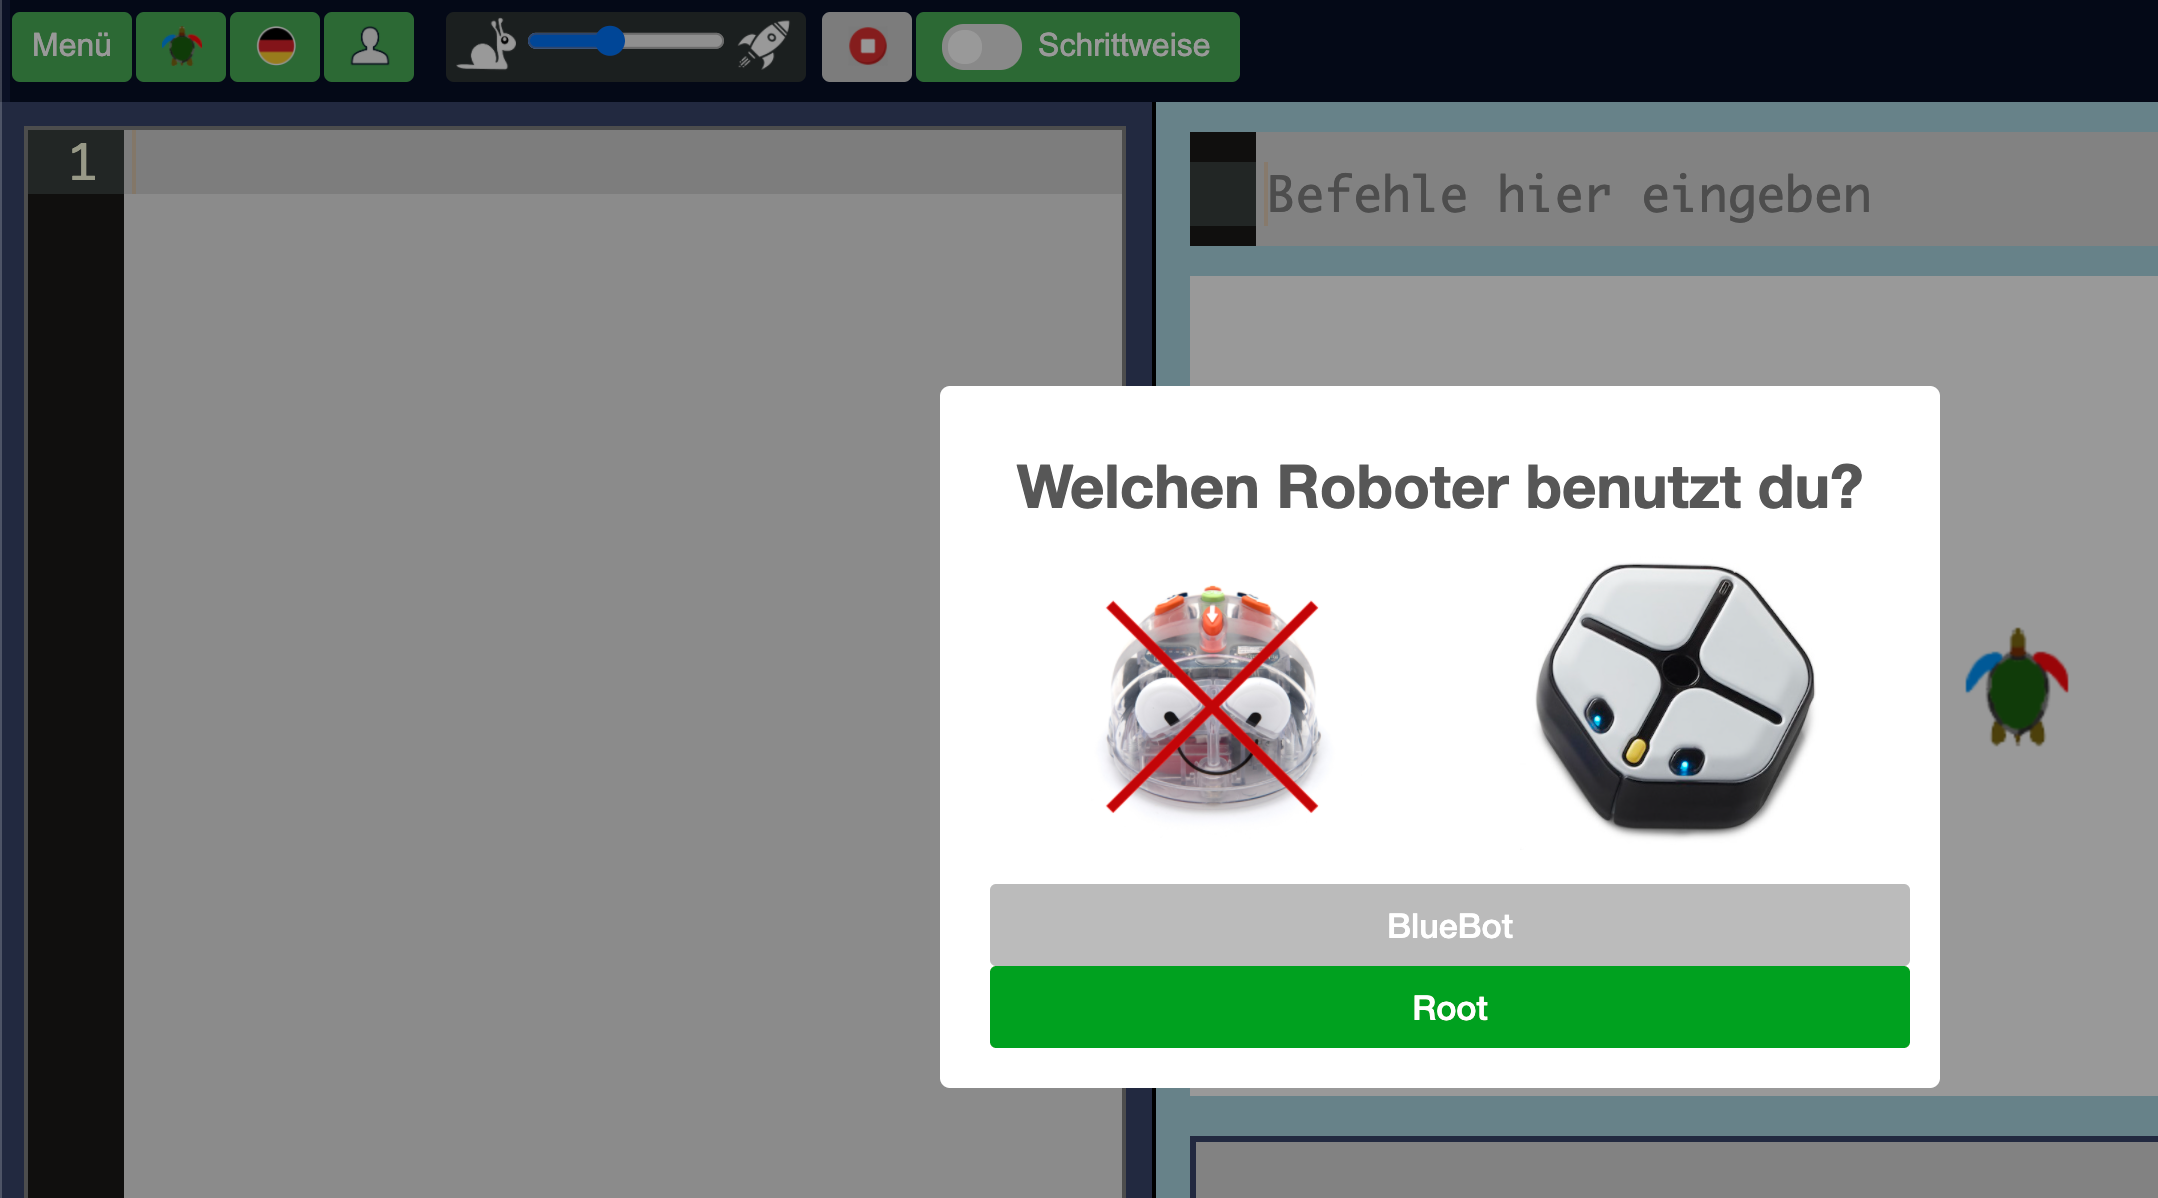 iRobot_Root_Umgebung_3.png